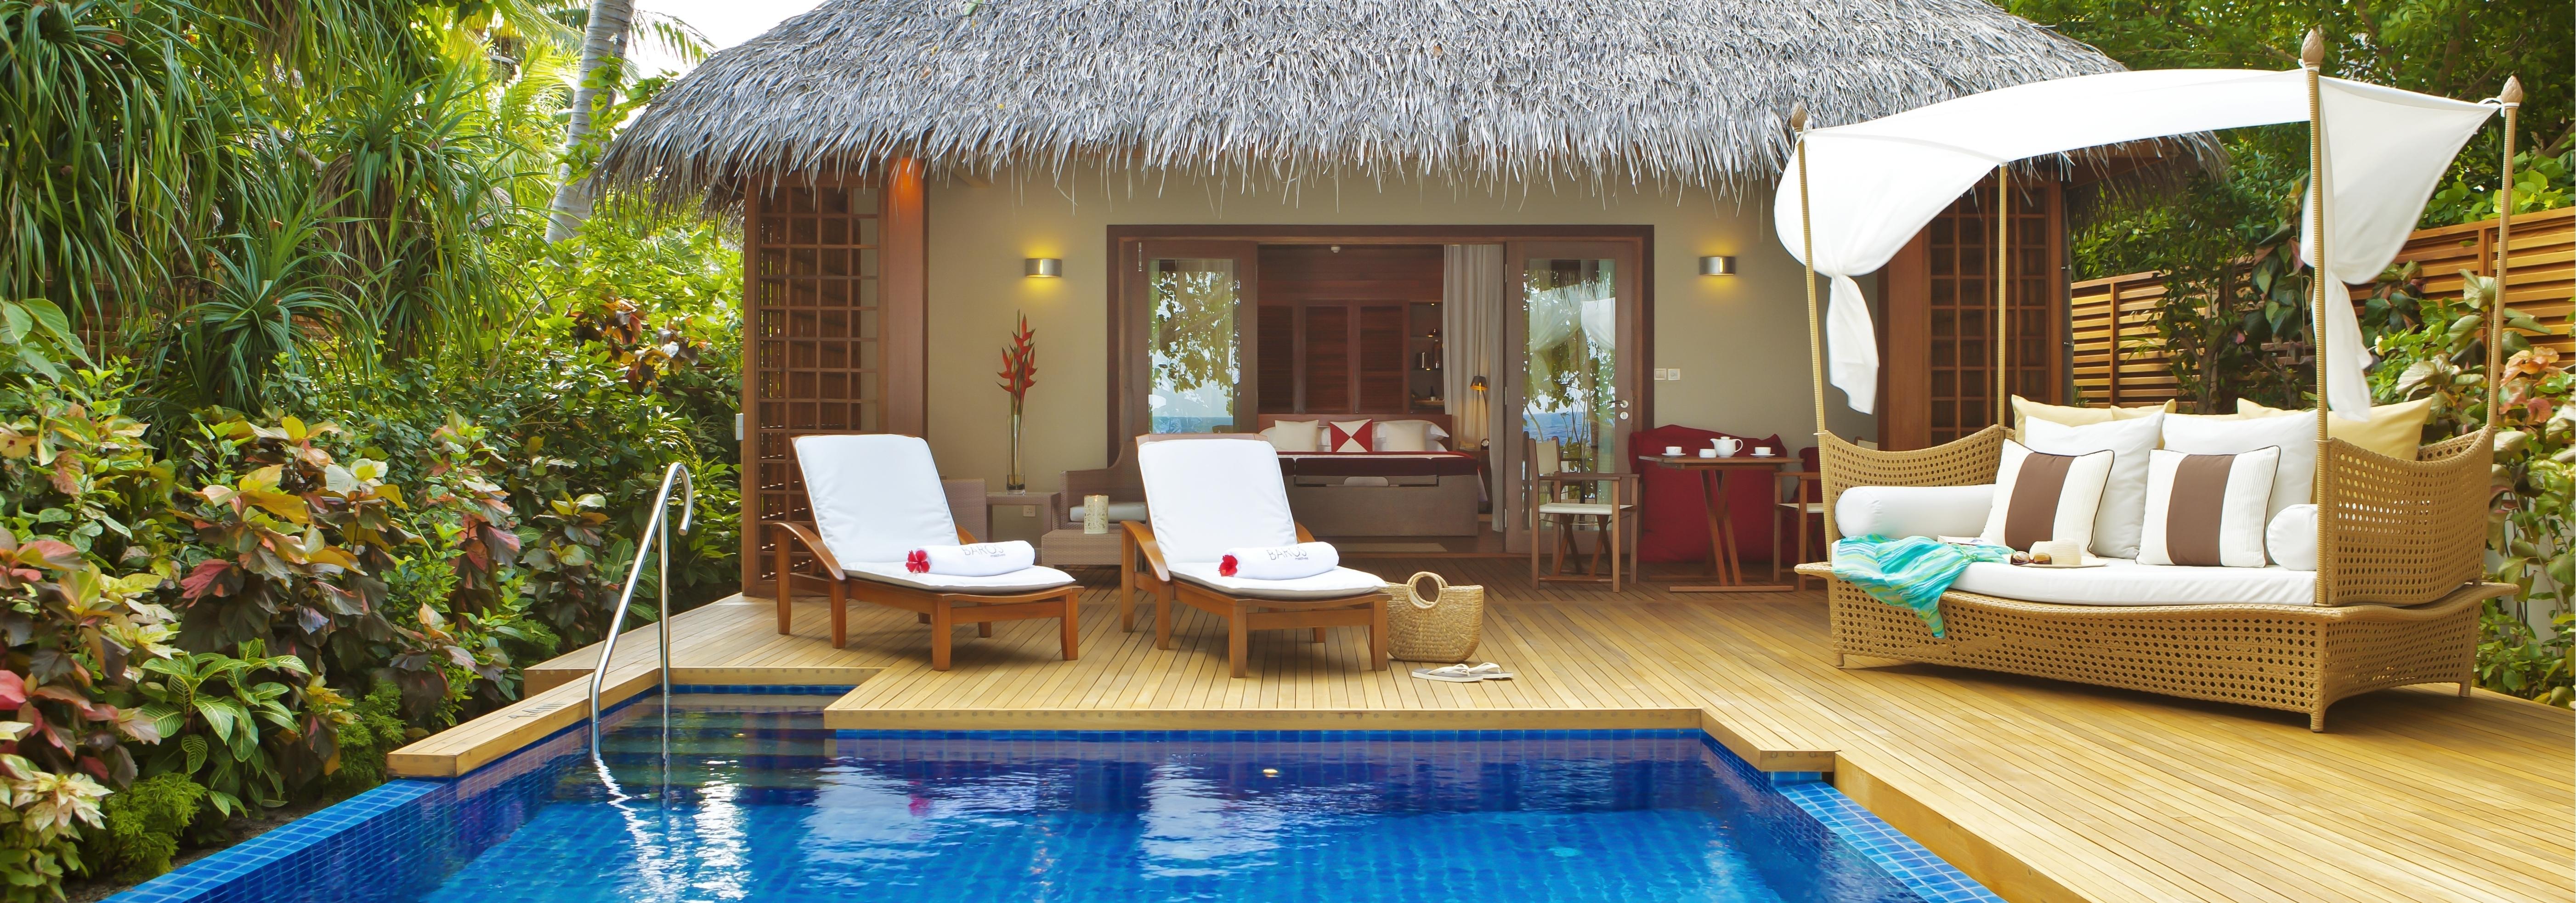 baros-pool-villa-exterior